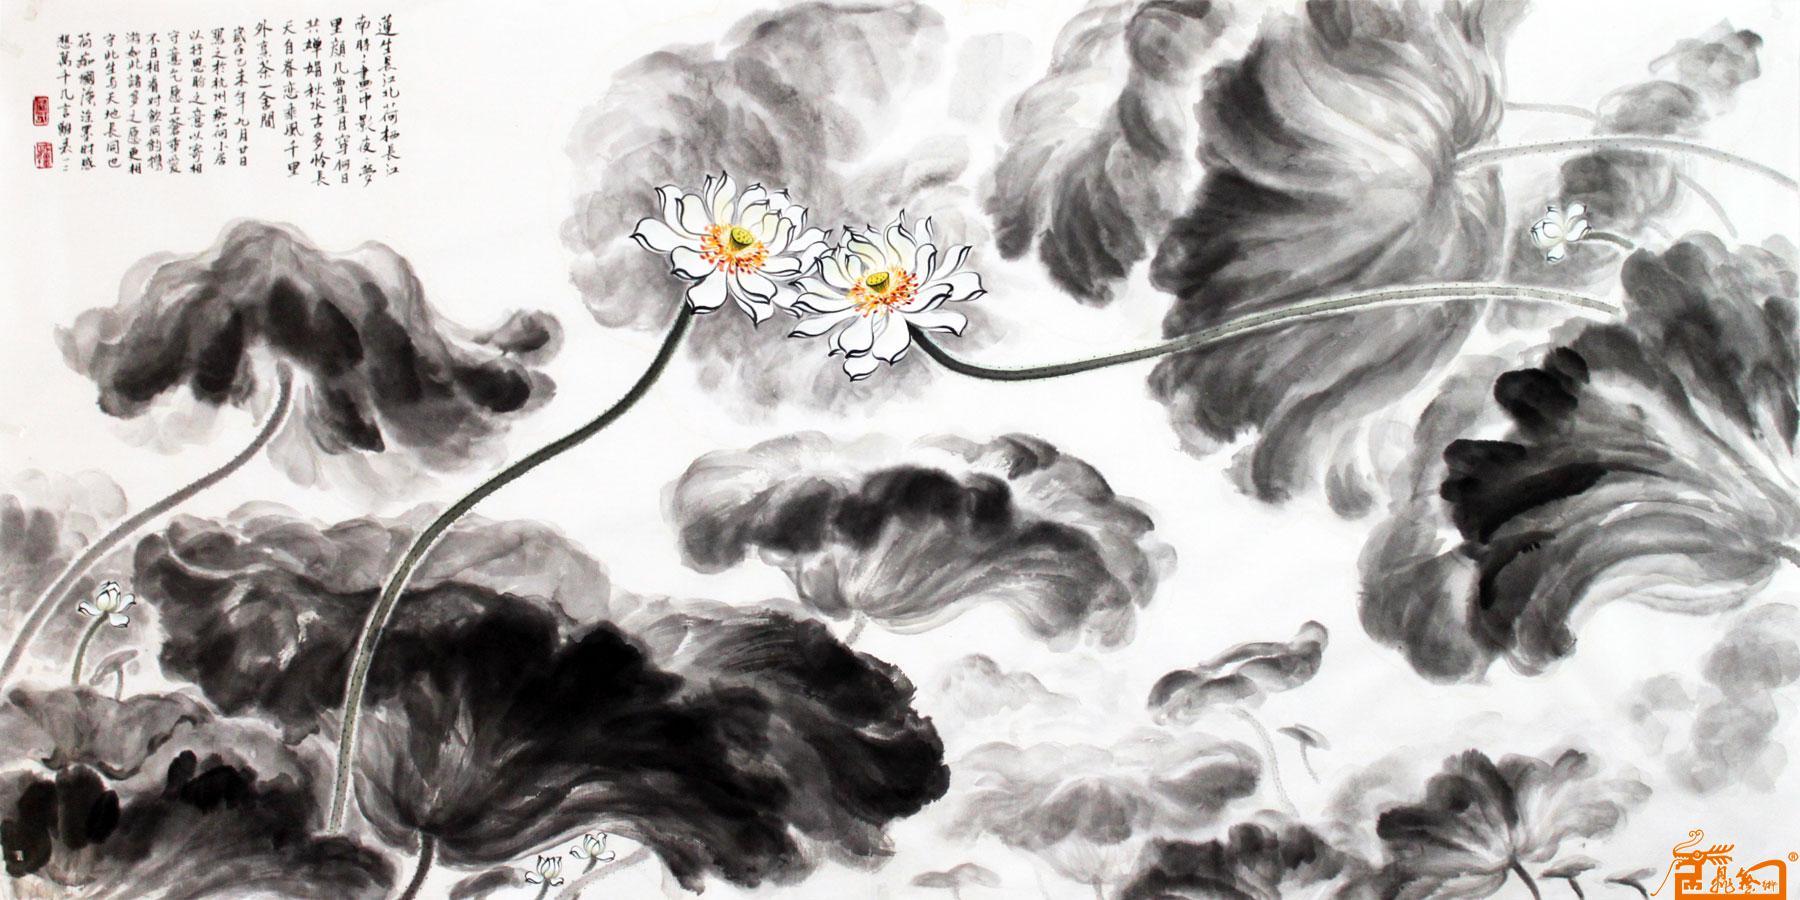 荷花9 -安国强-淘宝-名人字画-中国书画交易中心